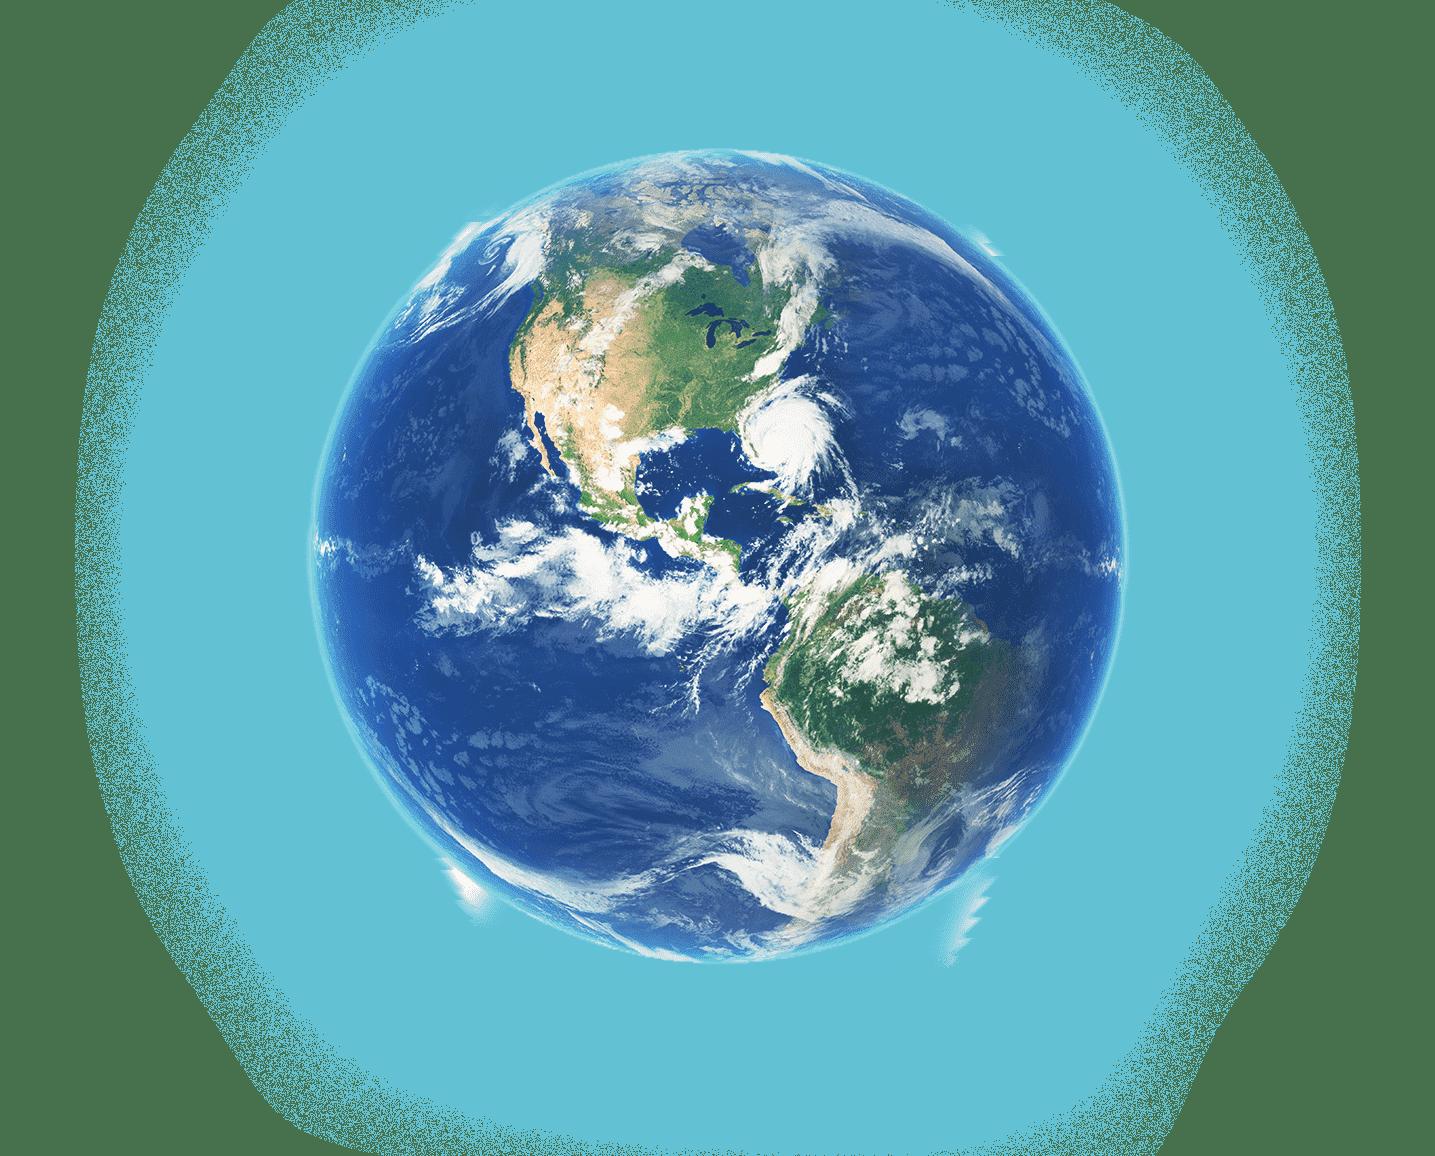 planeta terra todo azul com os oceanos e seus continentes